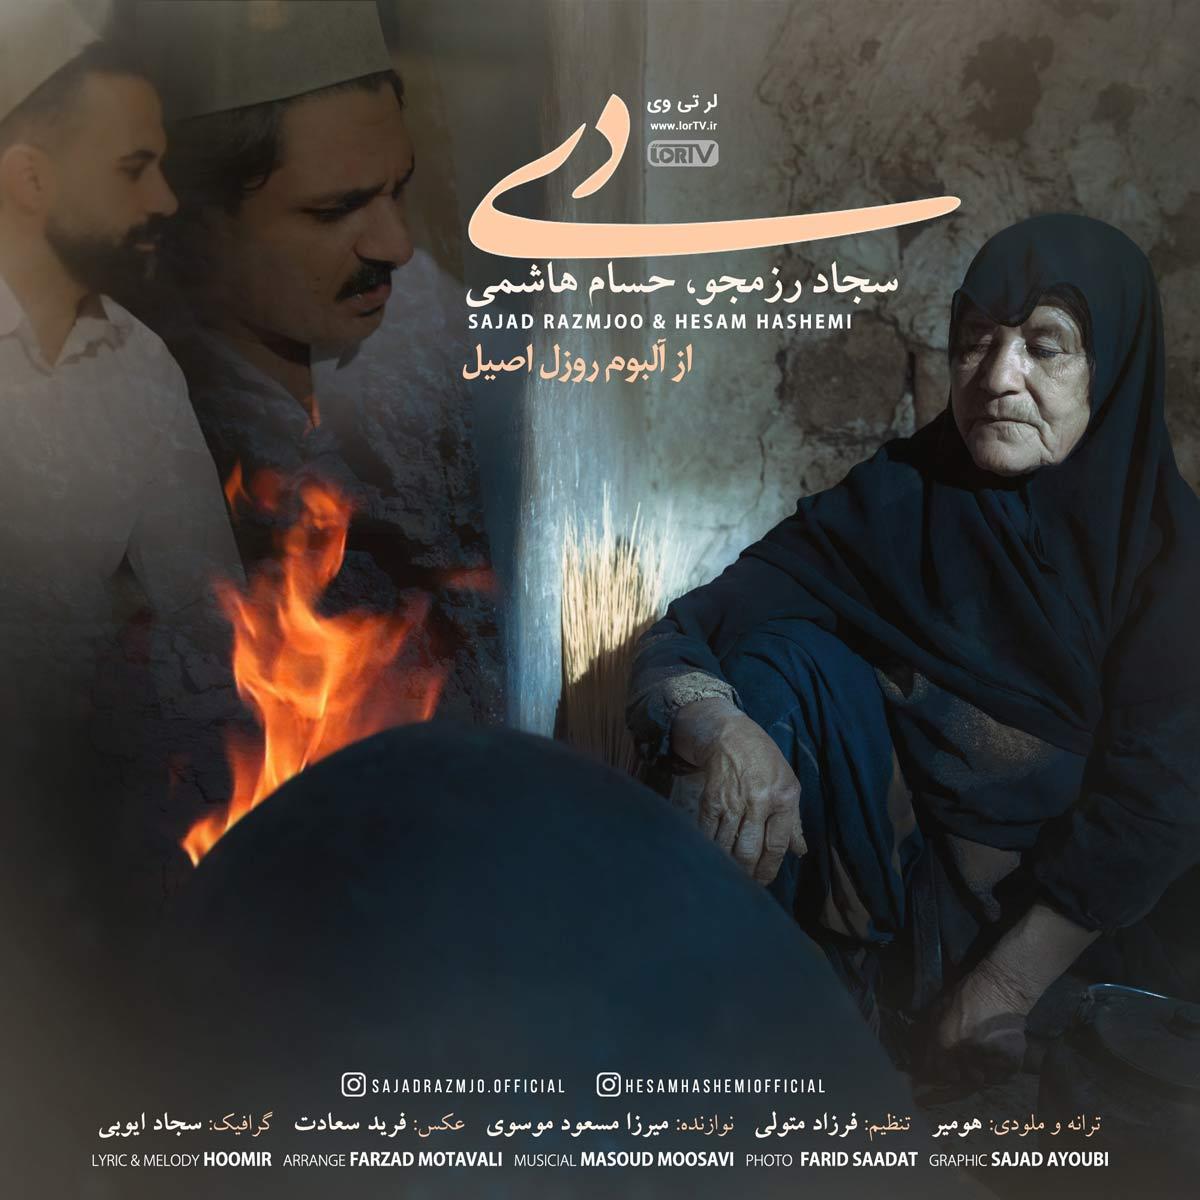 دانلود آهنگ دی از سجاد رزمجو و حسام هاشمی